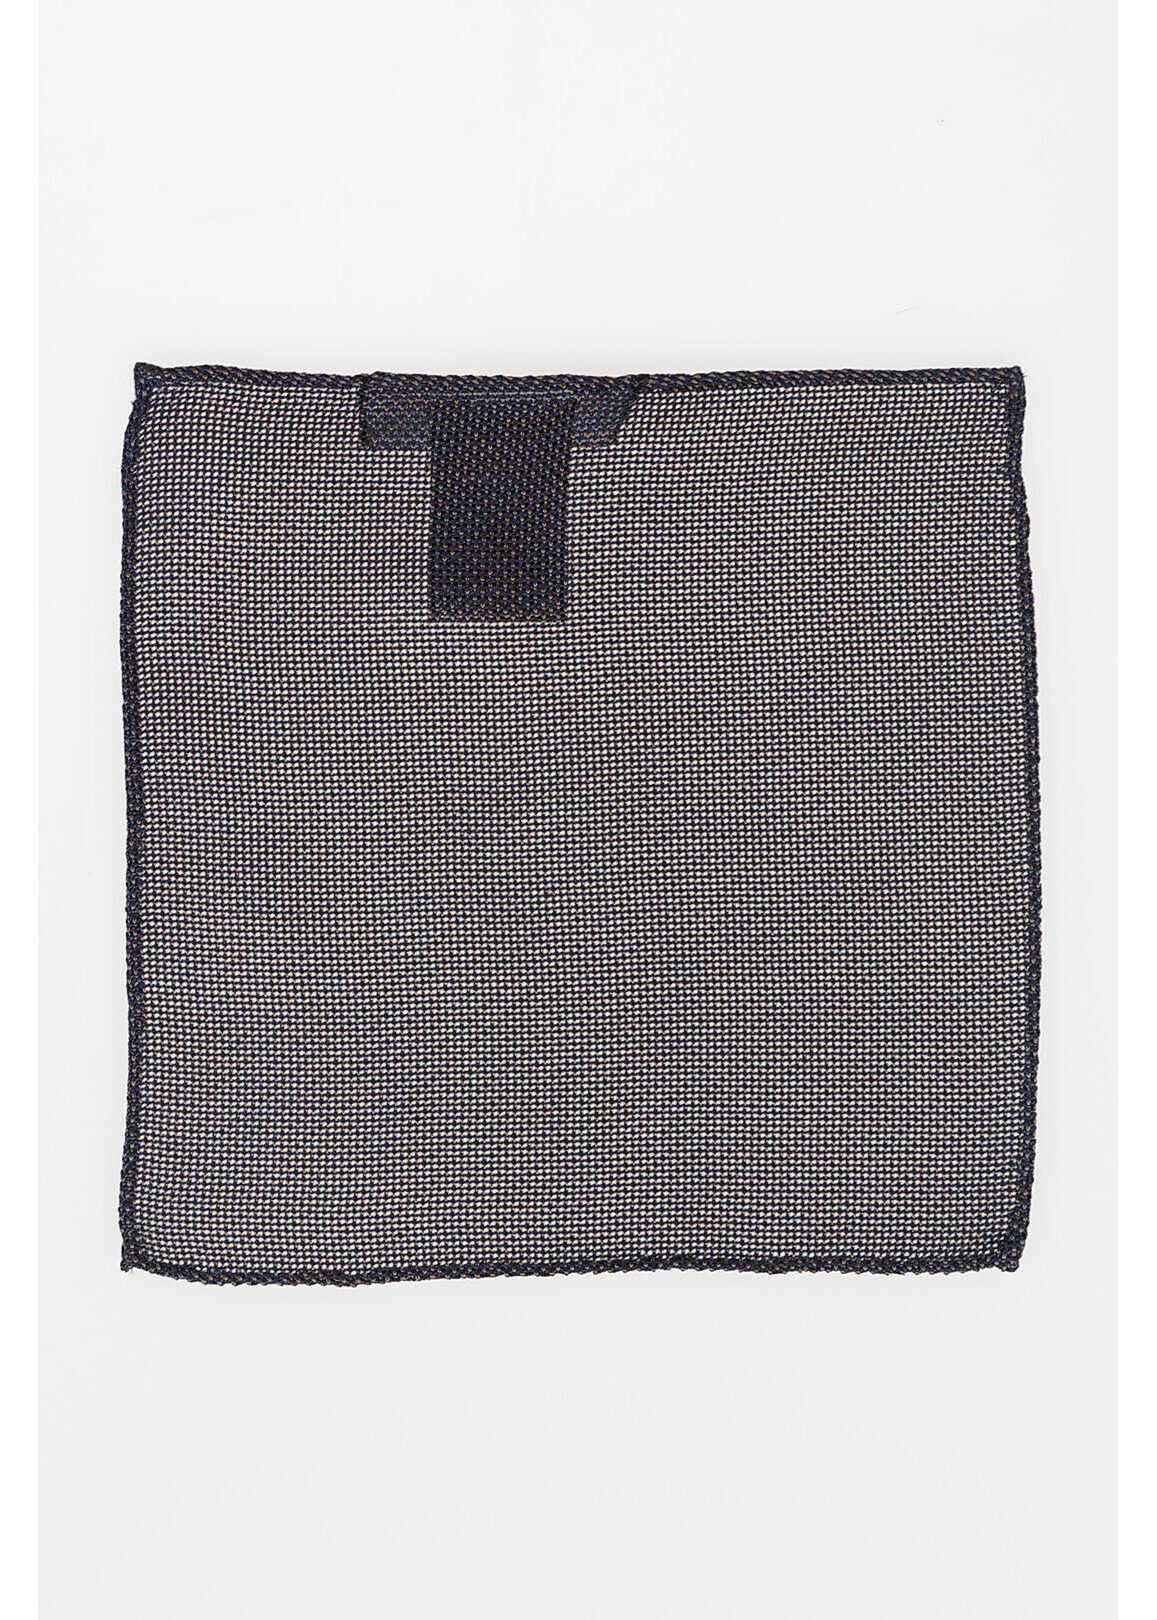 DSQUARED2 Silk Handkerchief MULTICOLOR